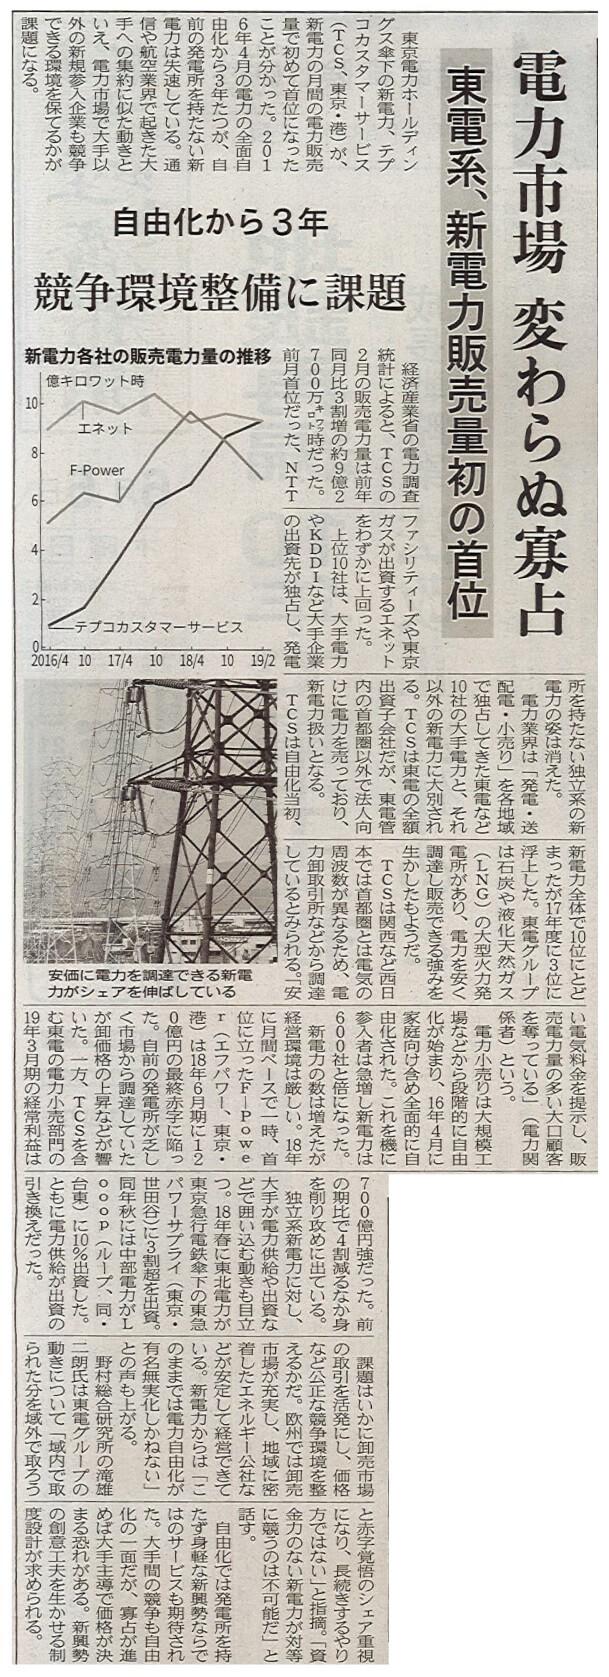 日経新聞(2019年6月6日付)記事